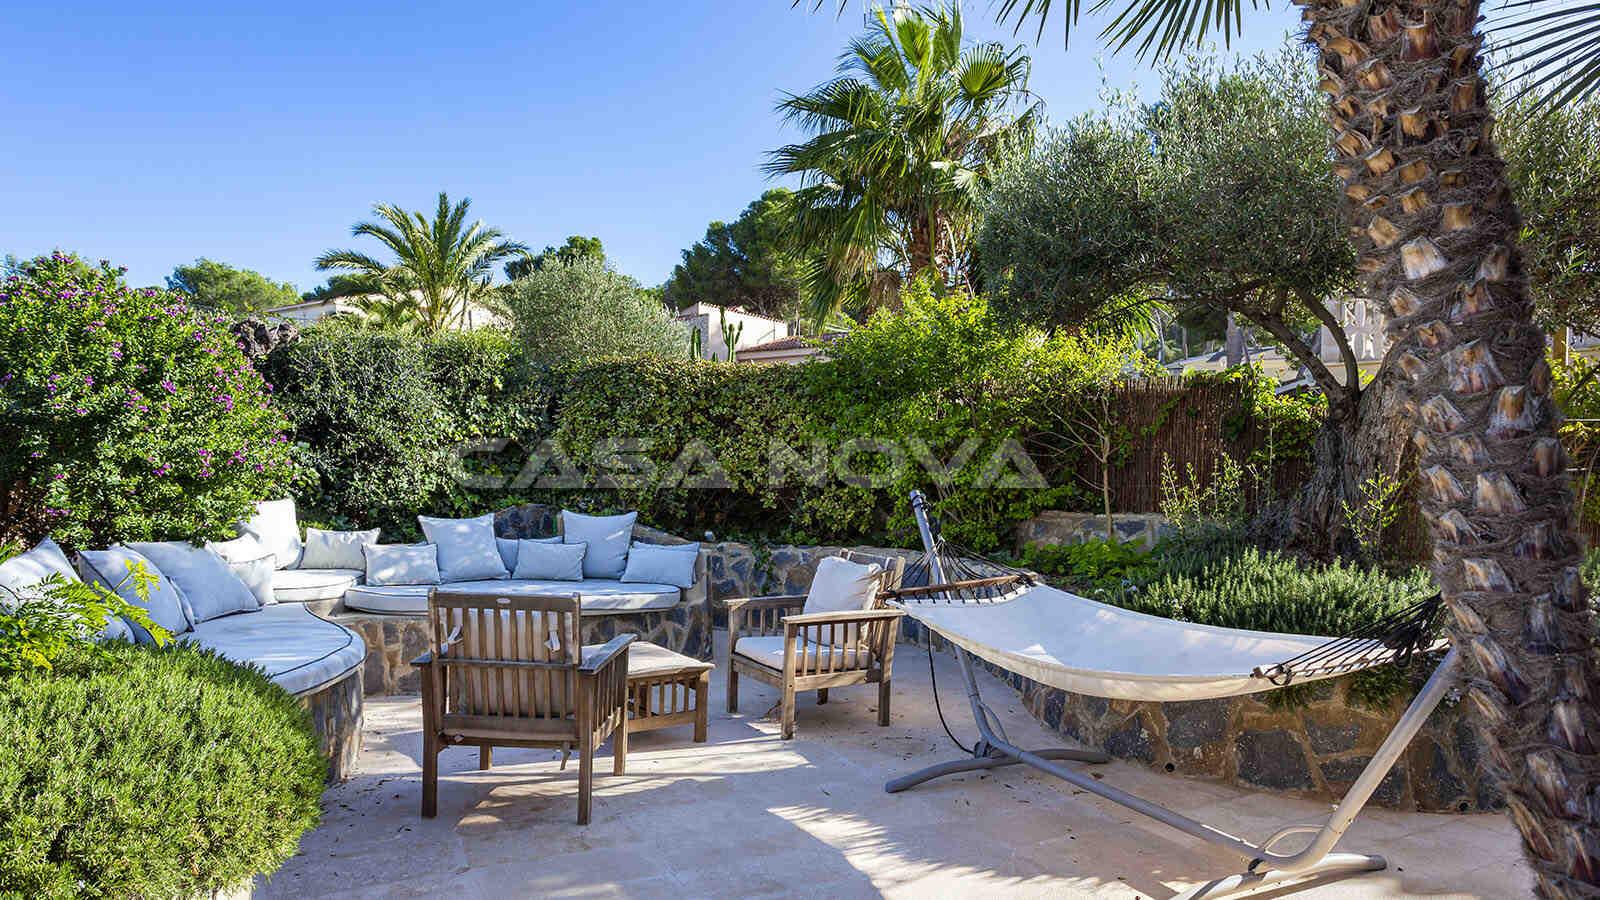 Wunderschöner Garten mit Chillout- Bereich